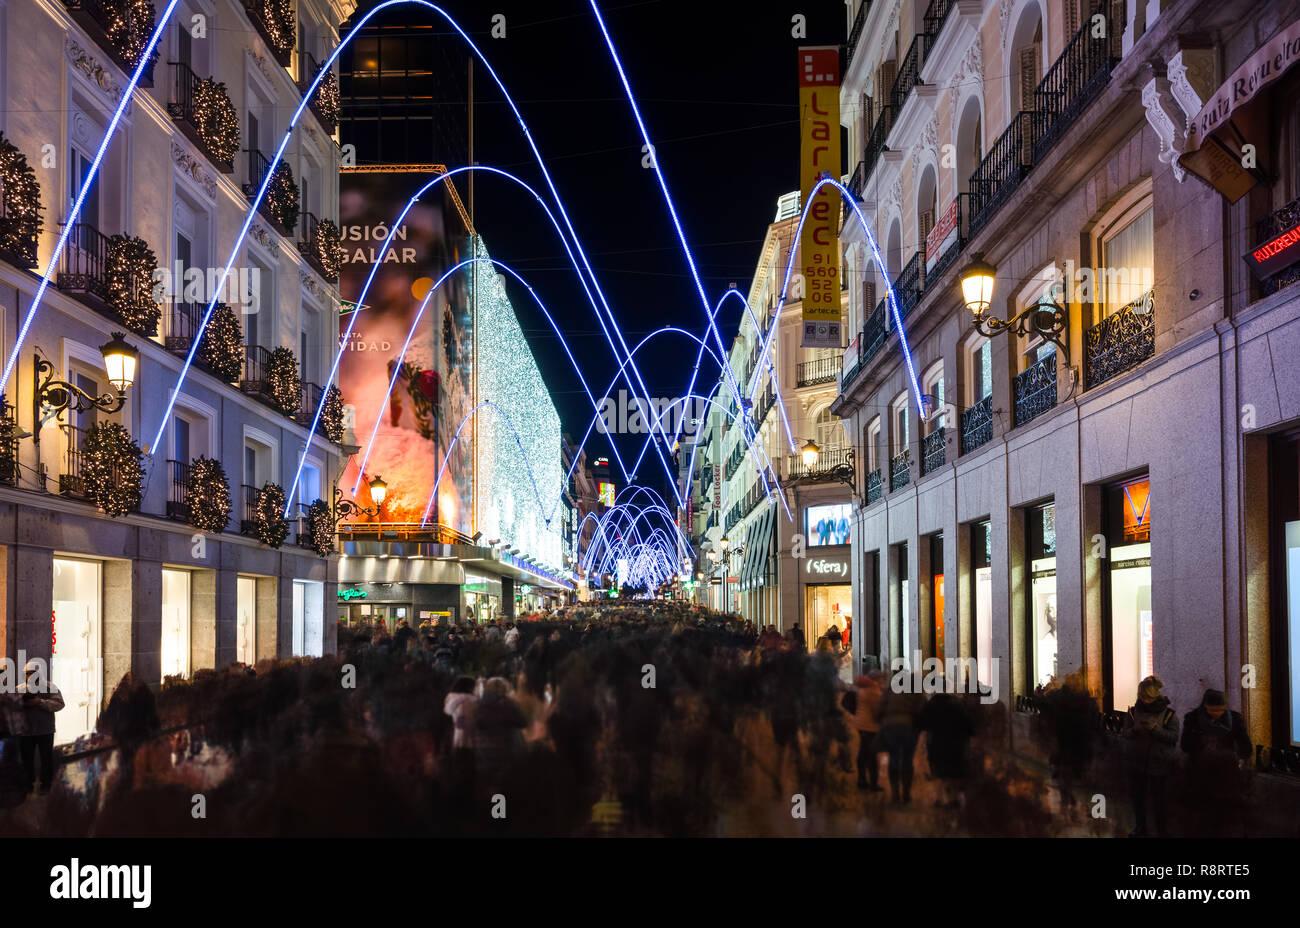 Madrid, Espagne, décembre 2018. Les gens qui marchent et des magasins à la tombée de la rue Preciados, éclairé par des lumières de Noël. Photo Stock